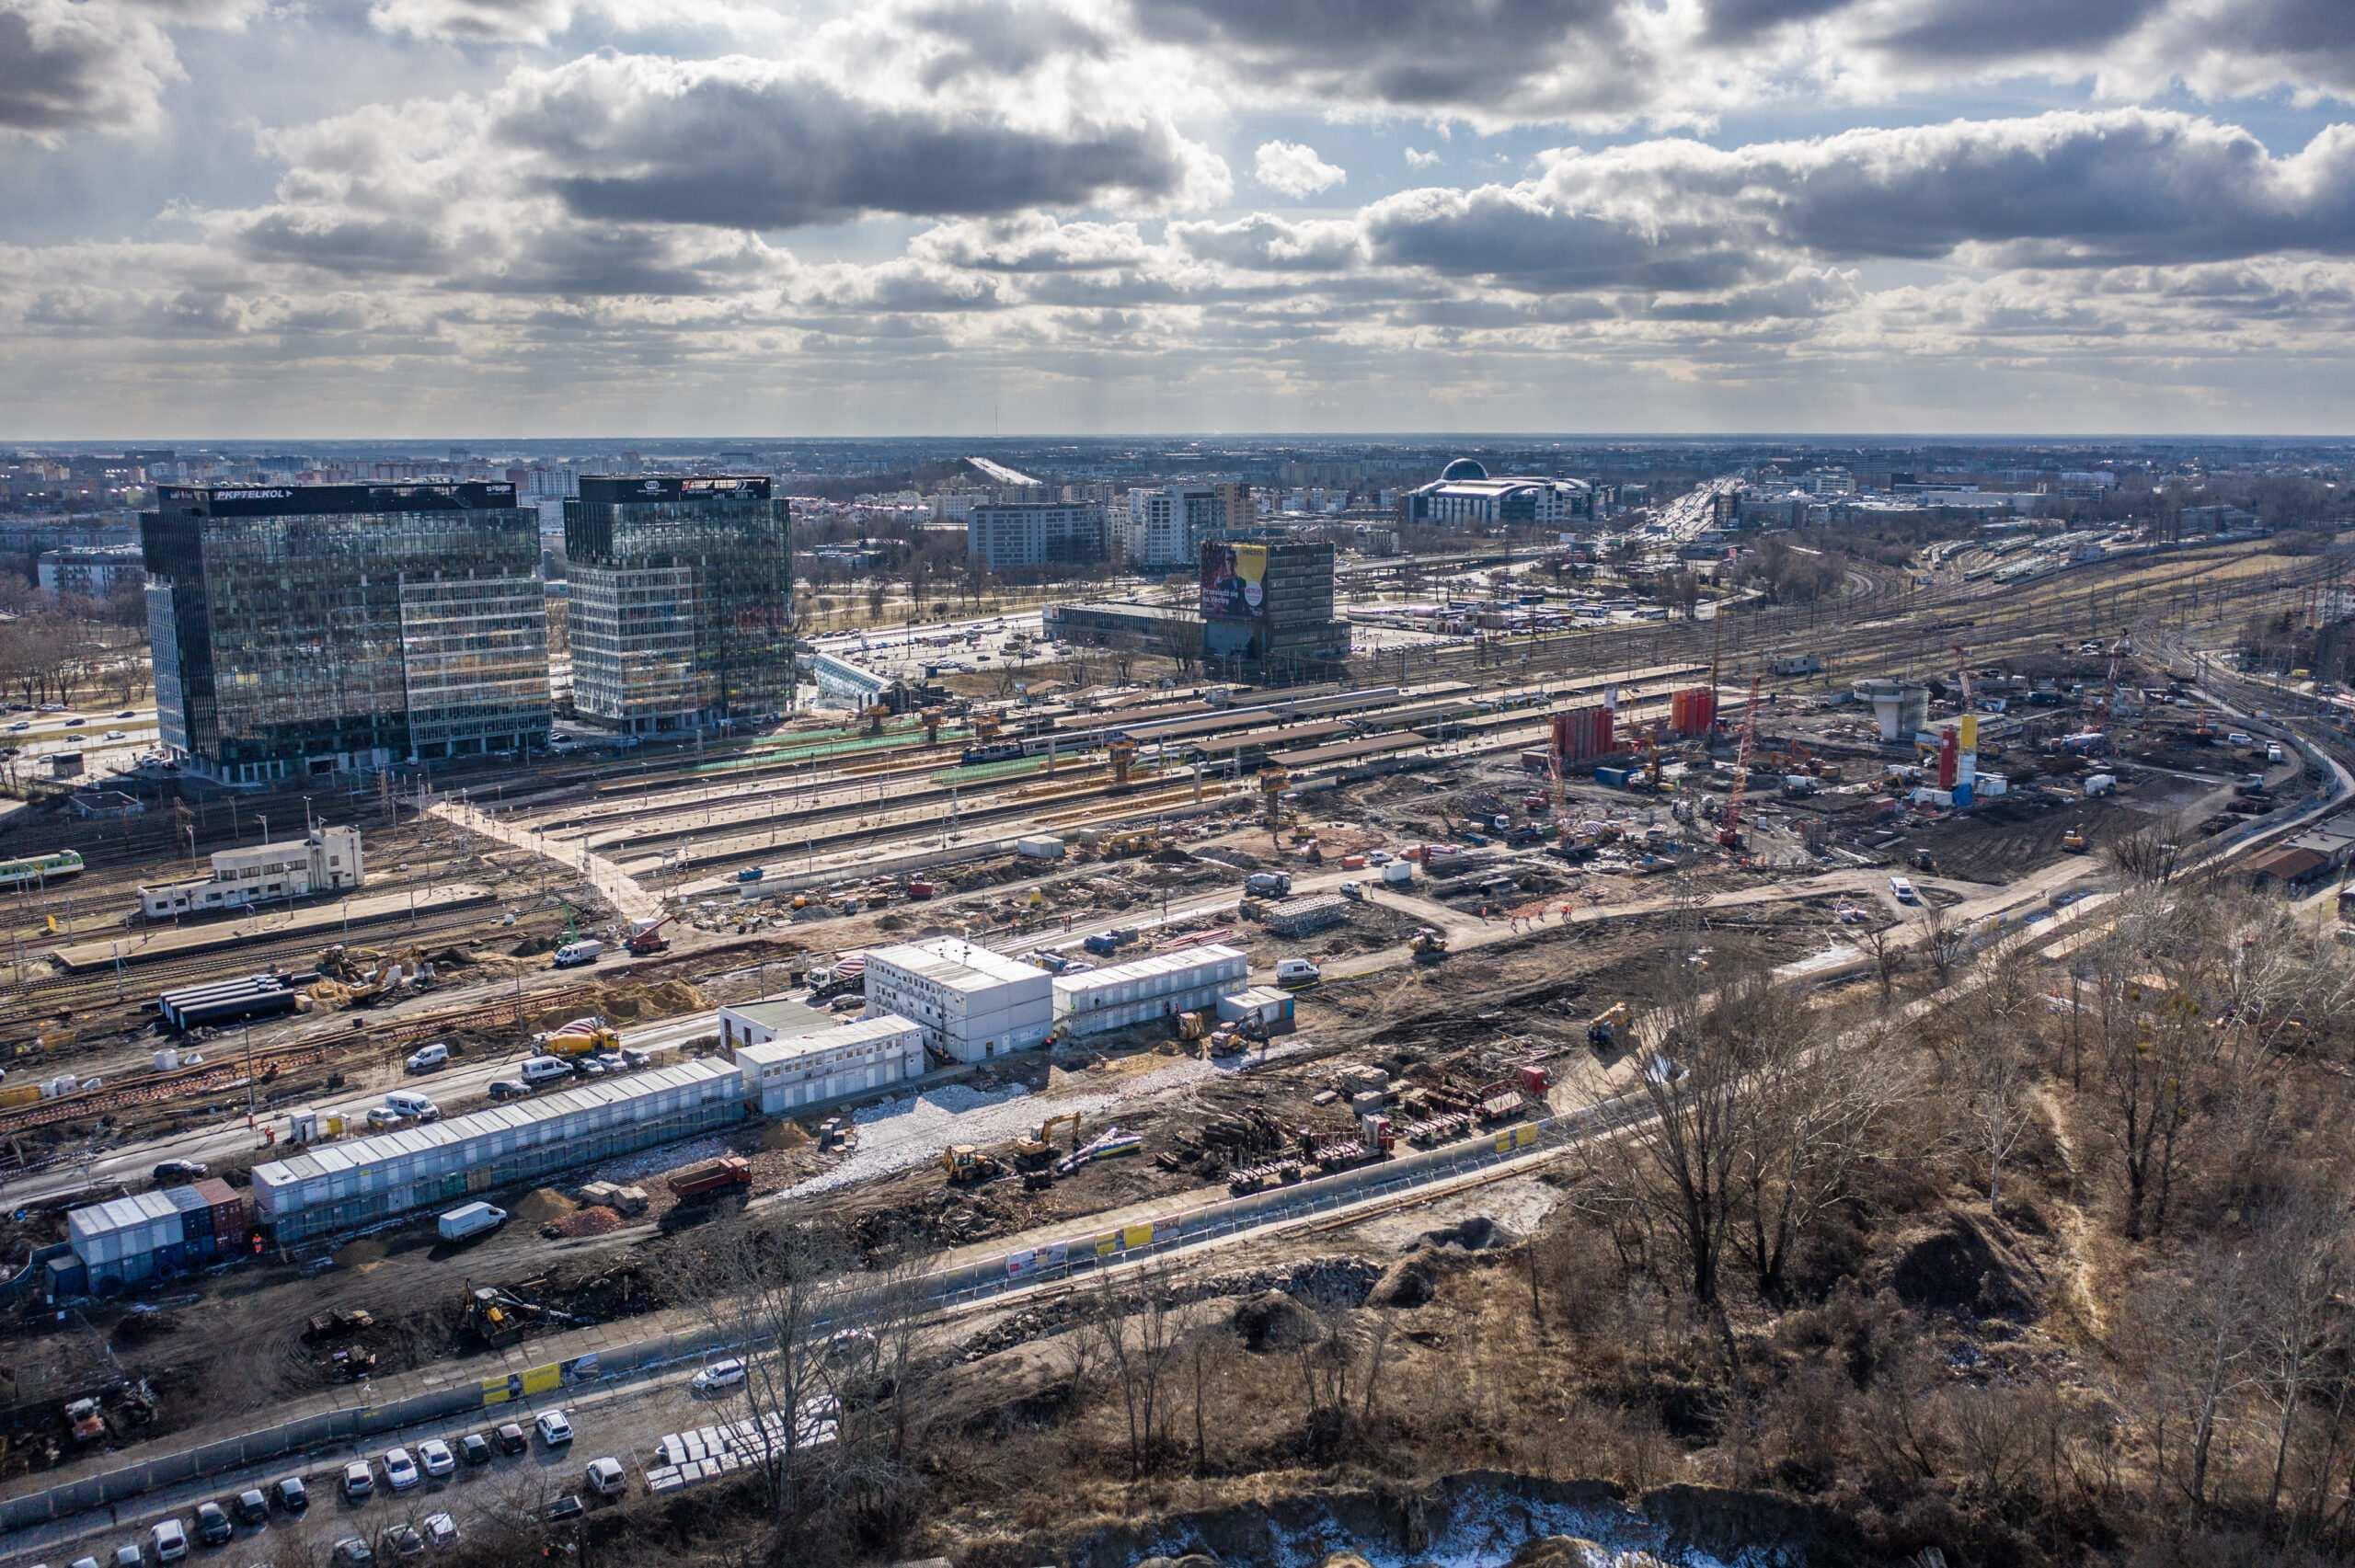 Dworzec kolejowy, Dworzec Zachodni, Warszawa Zachodnia